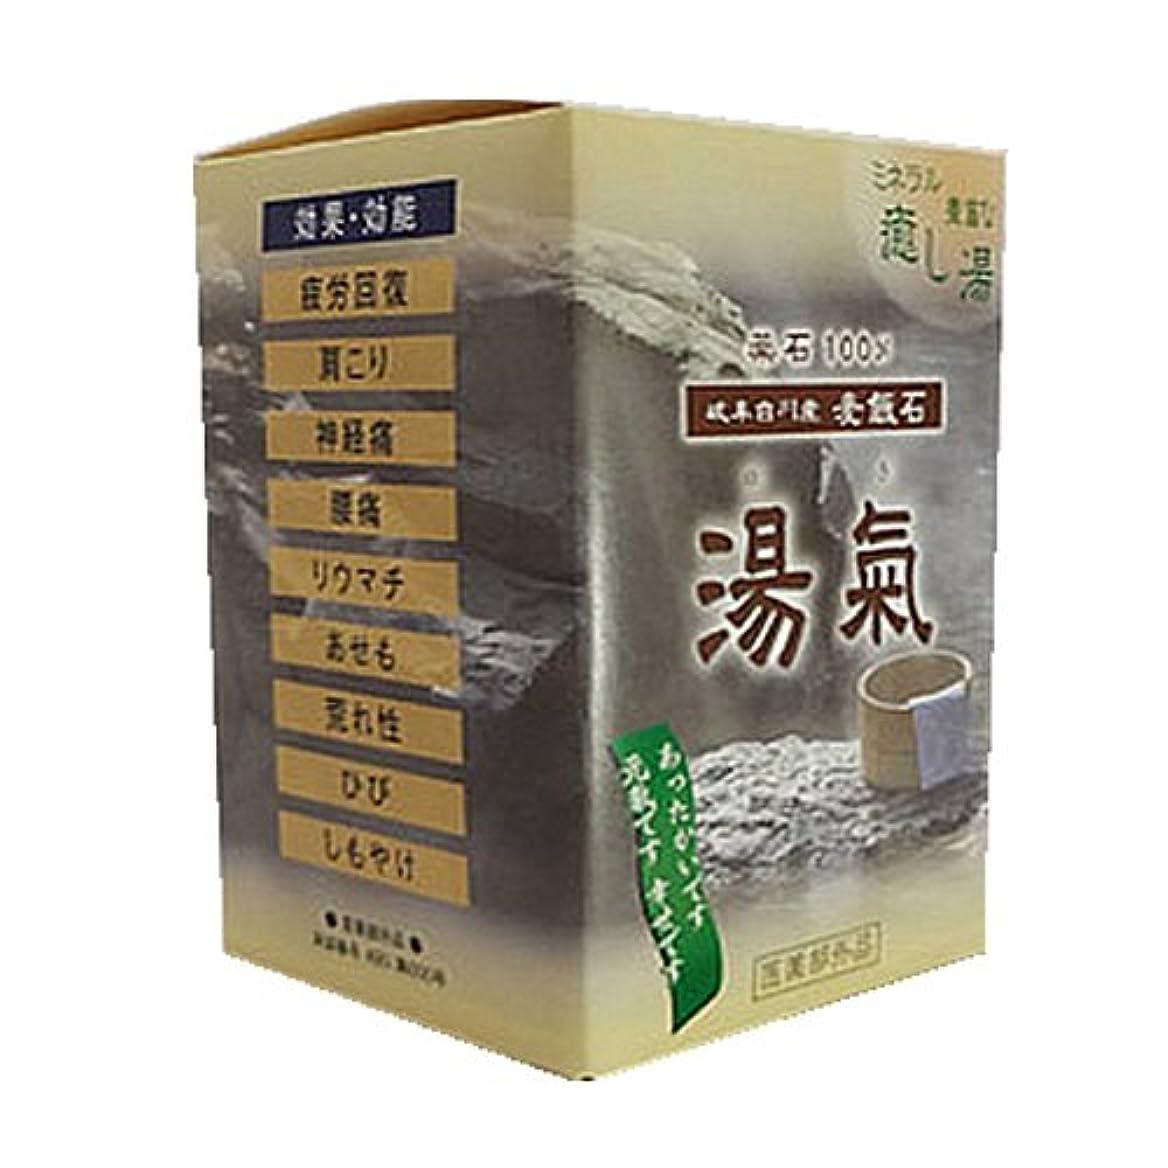 投げる男性手段医薬部外品 岐阜白川産麦飯石 湯気(ゆき) K11781